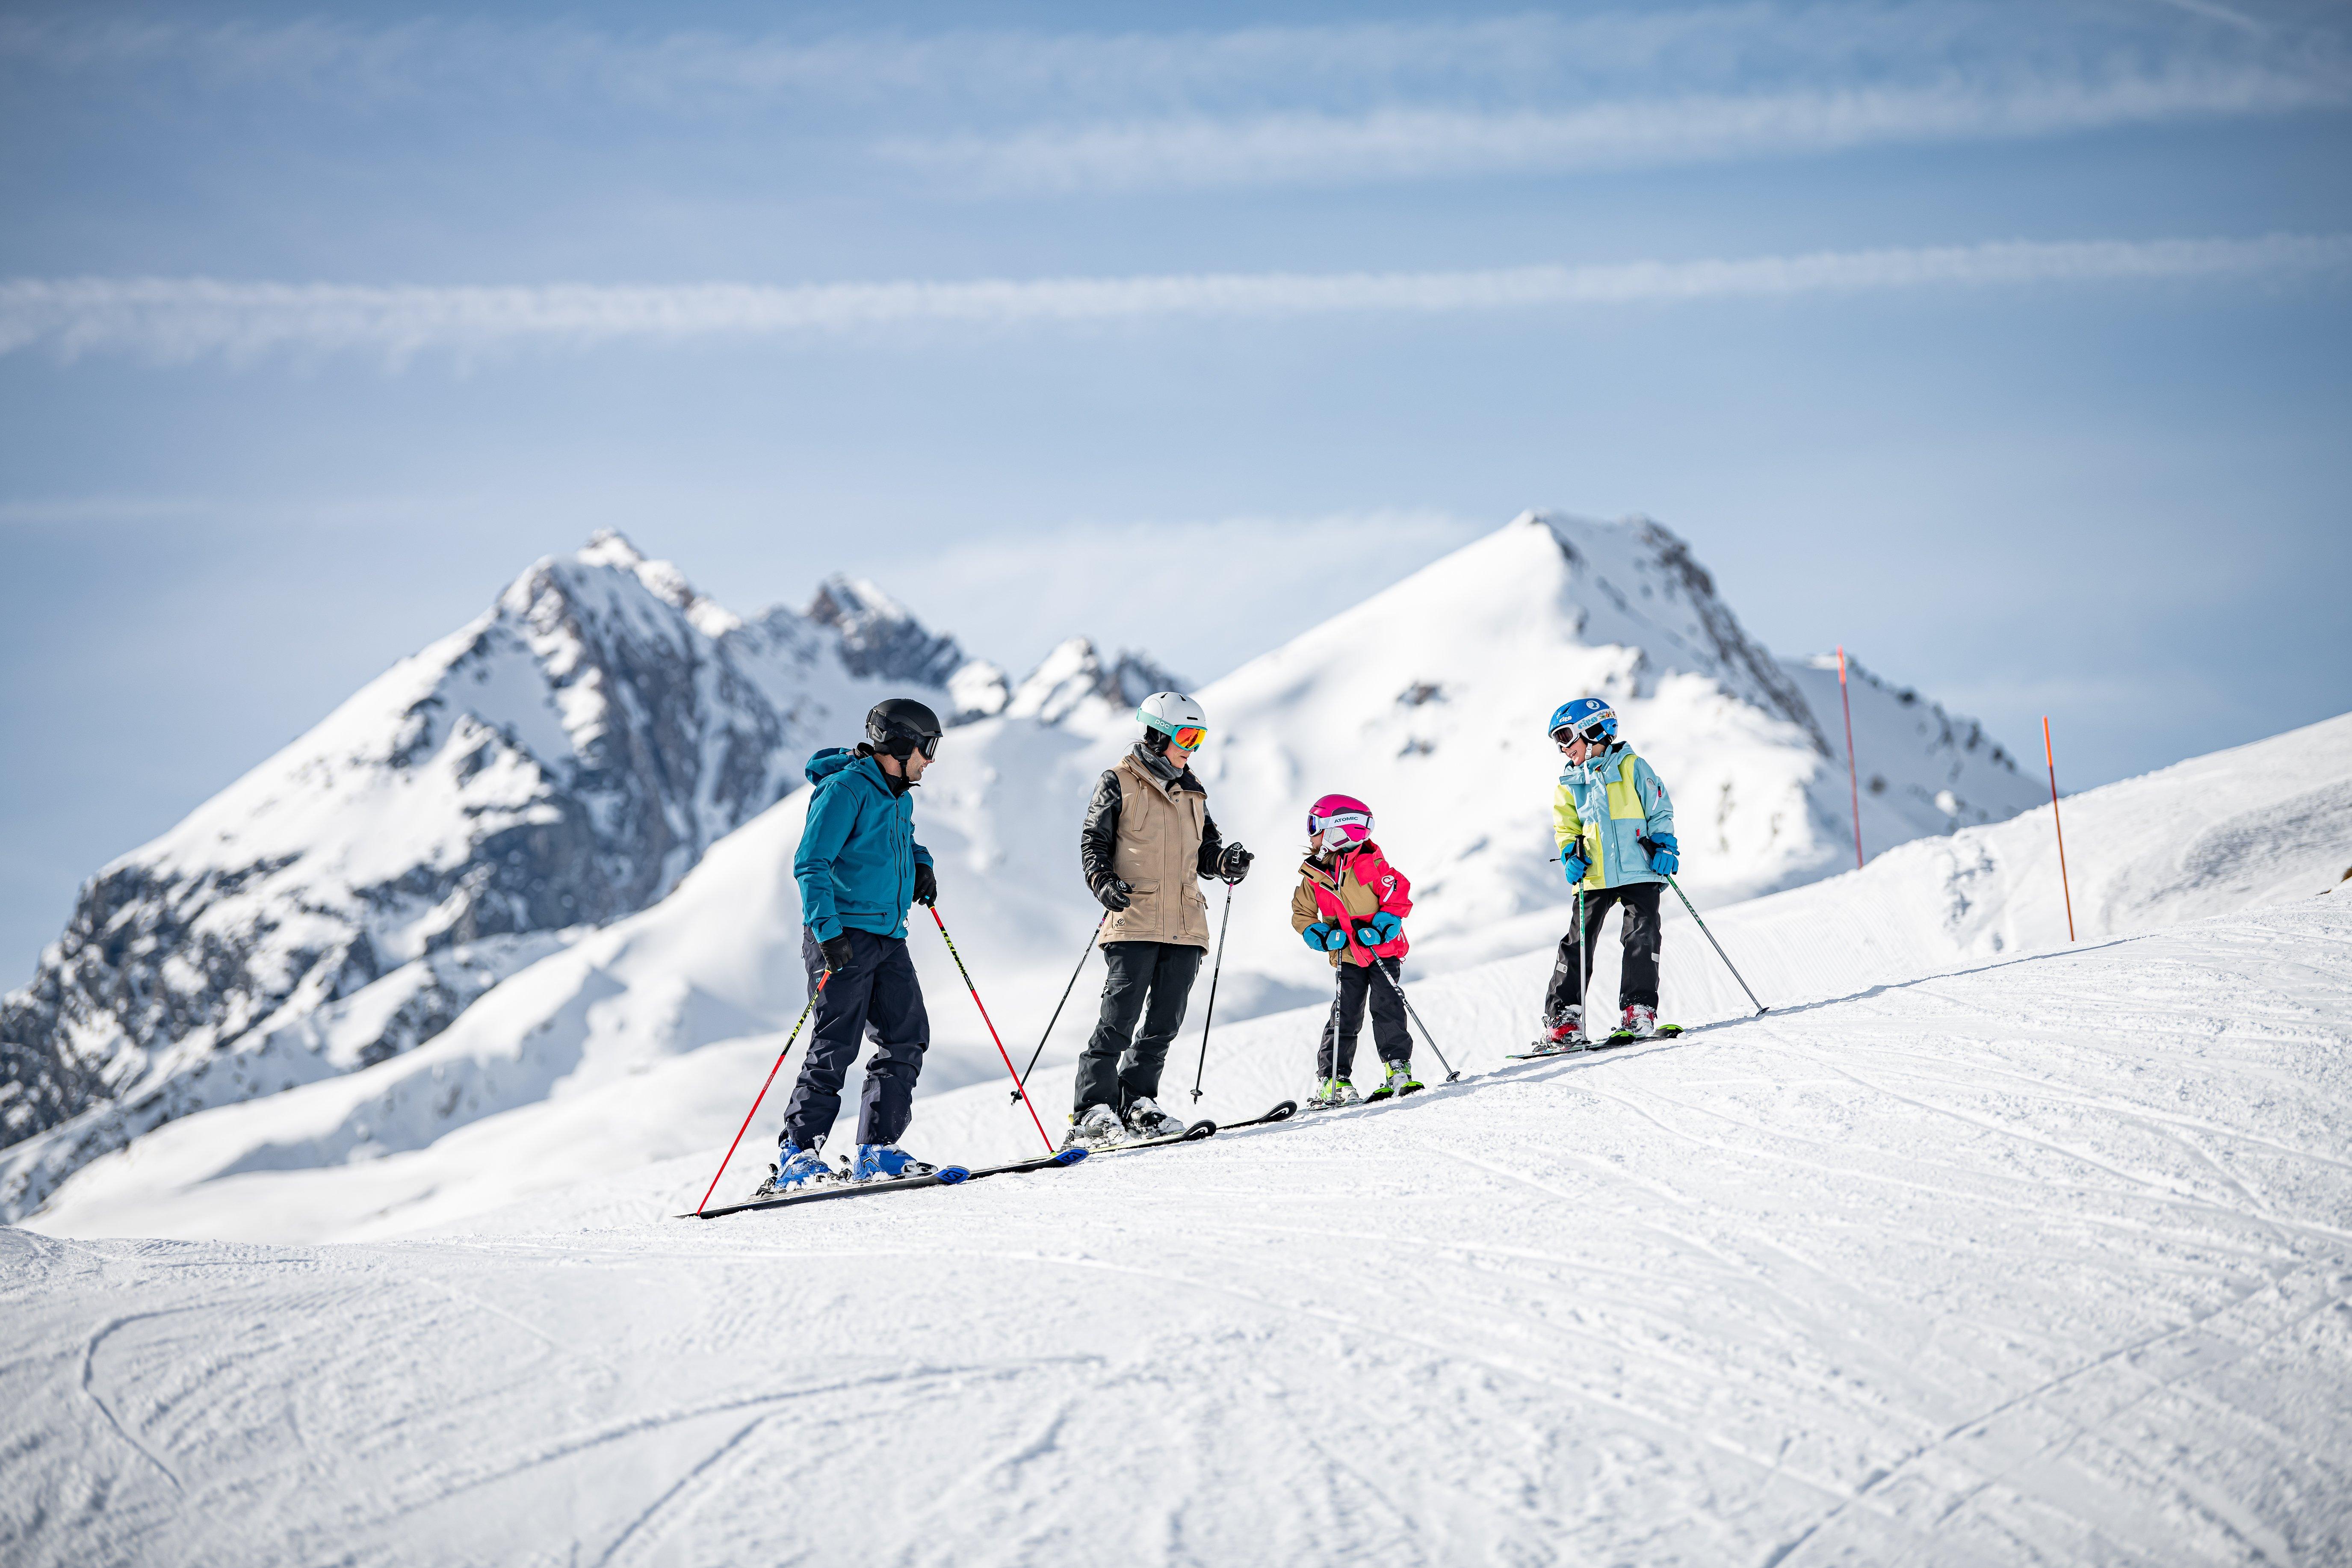 Familie Skigebiet Brigels-1